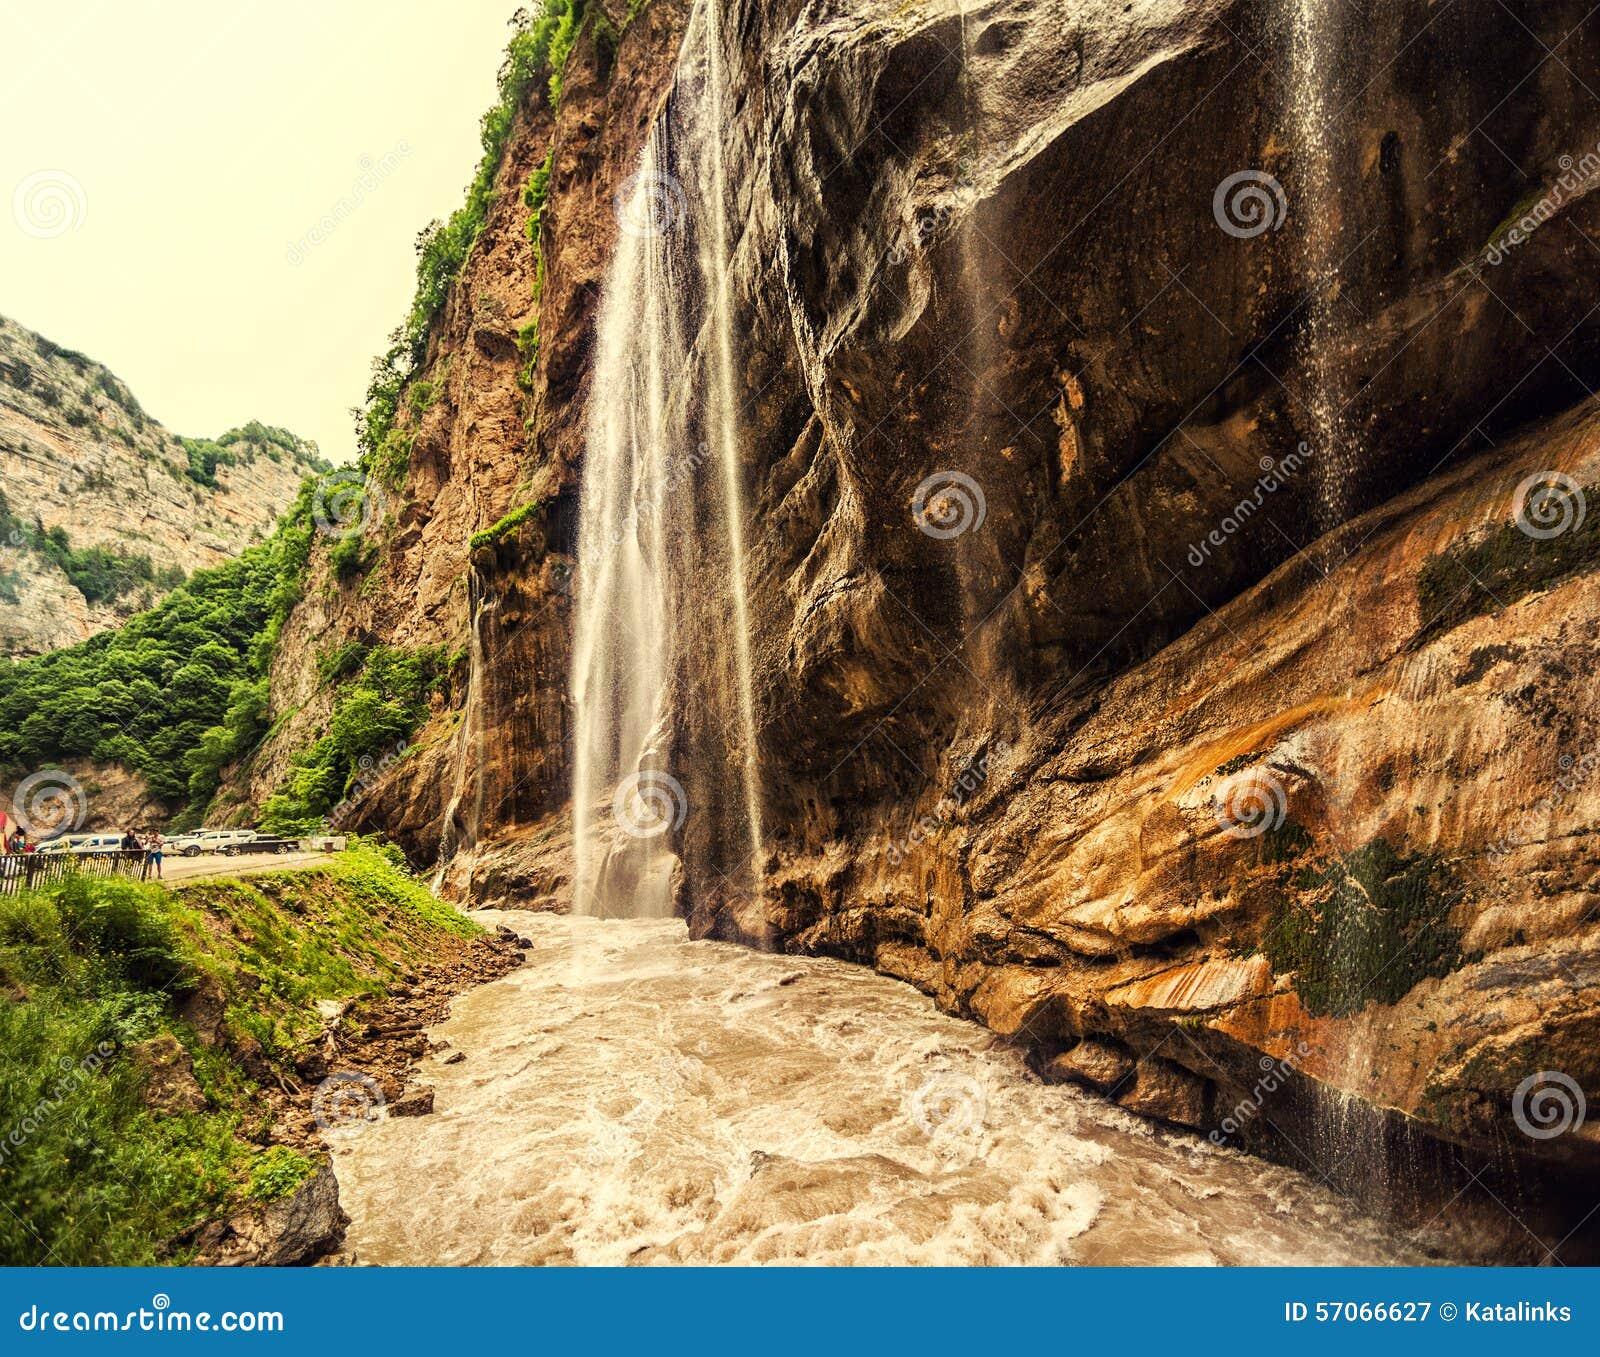 Chegem waterfalls. Chegem waterfalls (Kabardino-Balkaria), how to get there 94